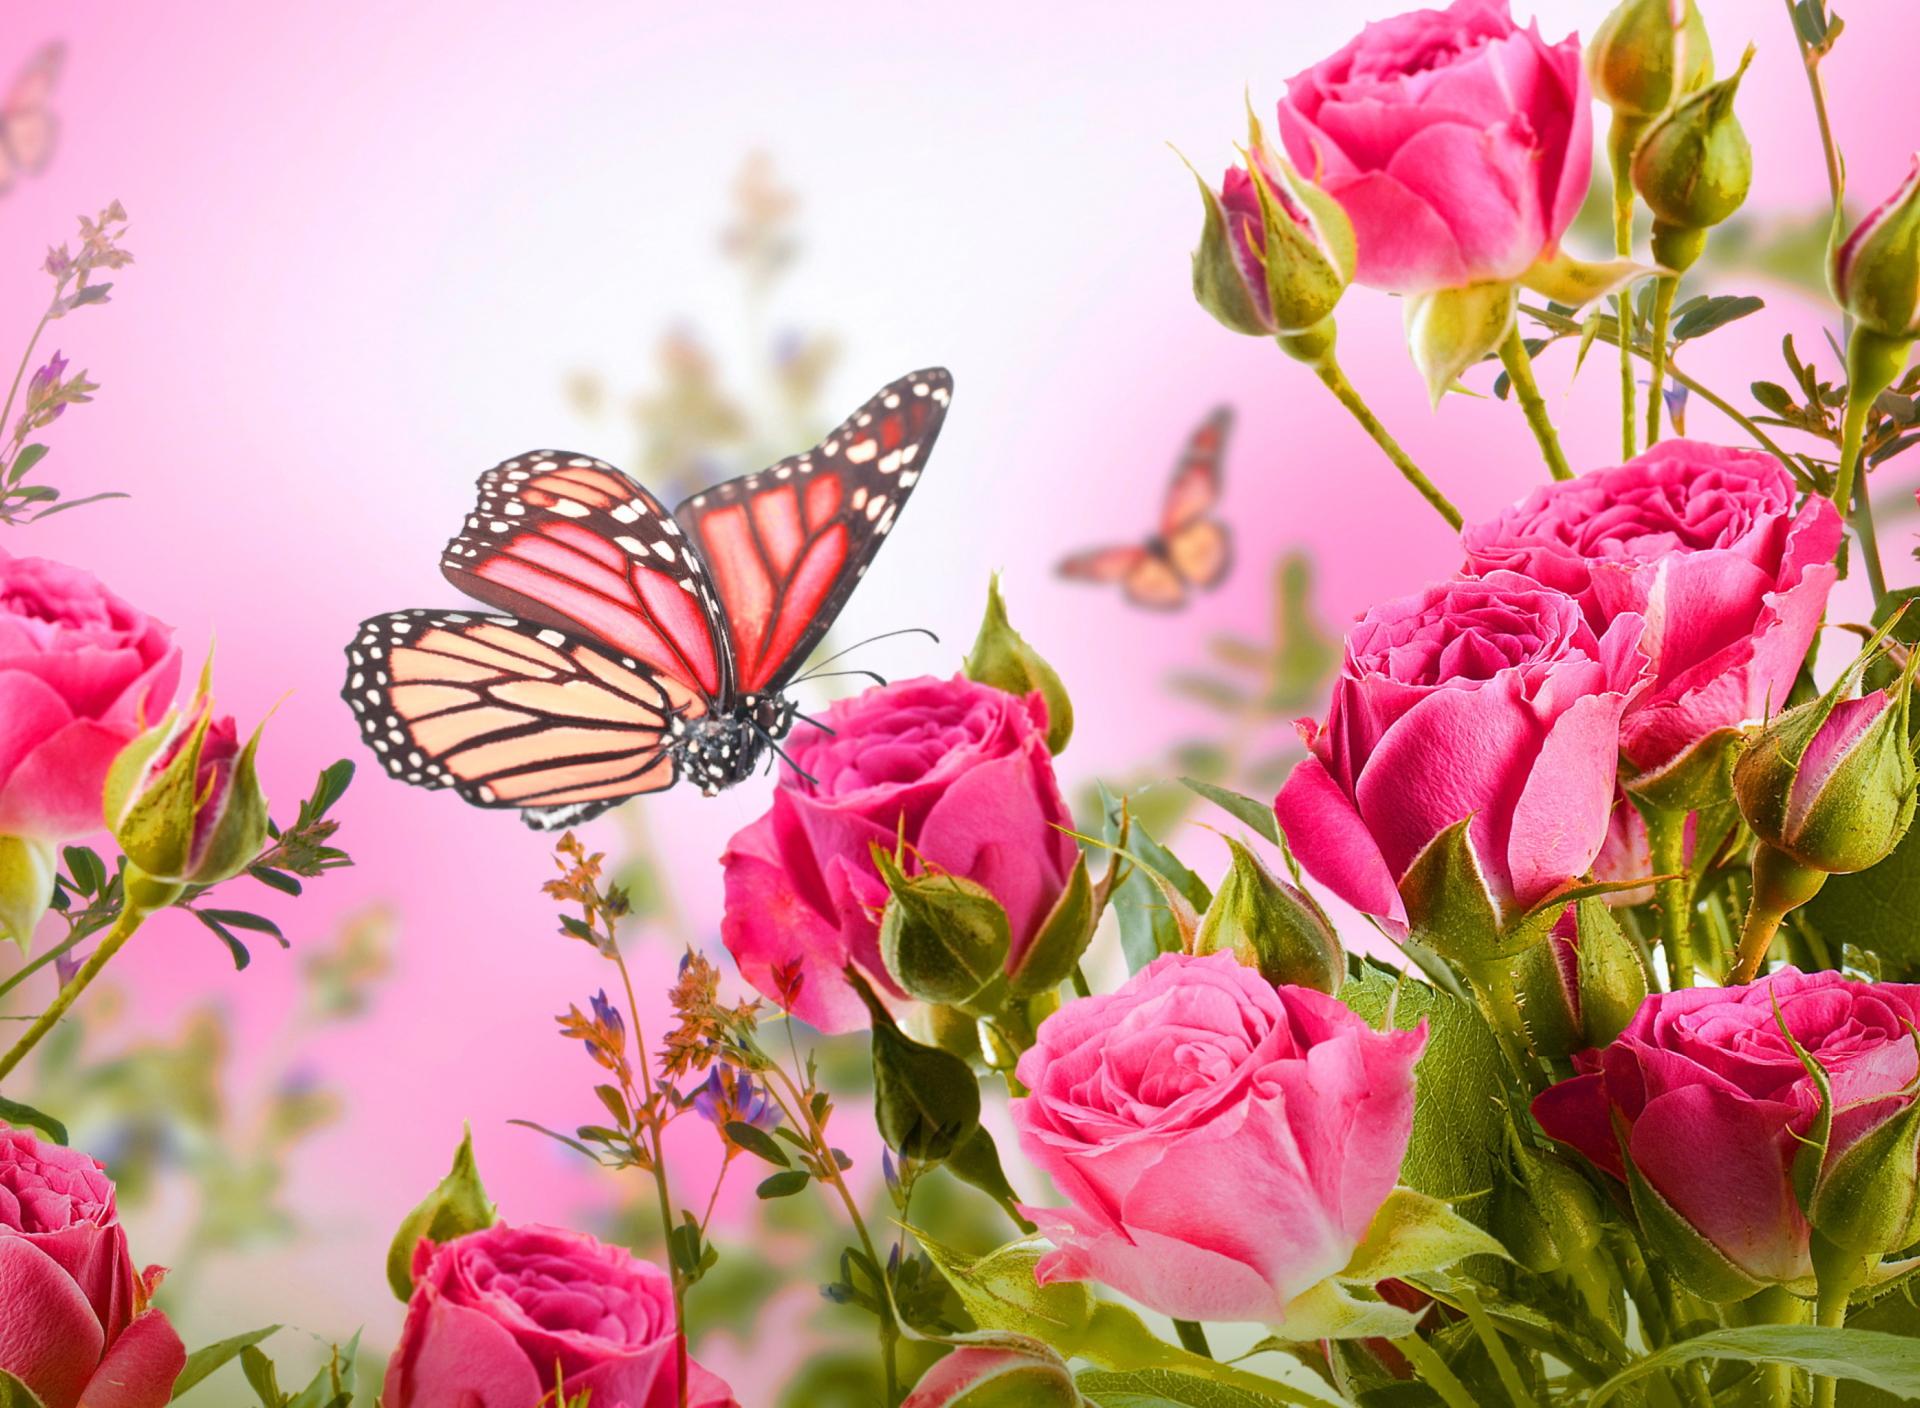 Картинке сделать, картинки розы на телефон на заставку